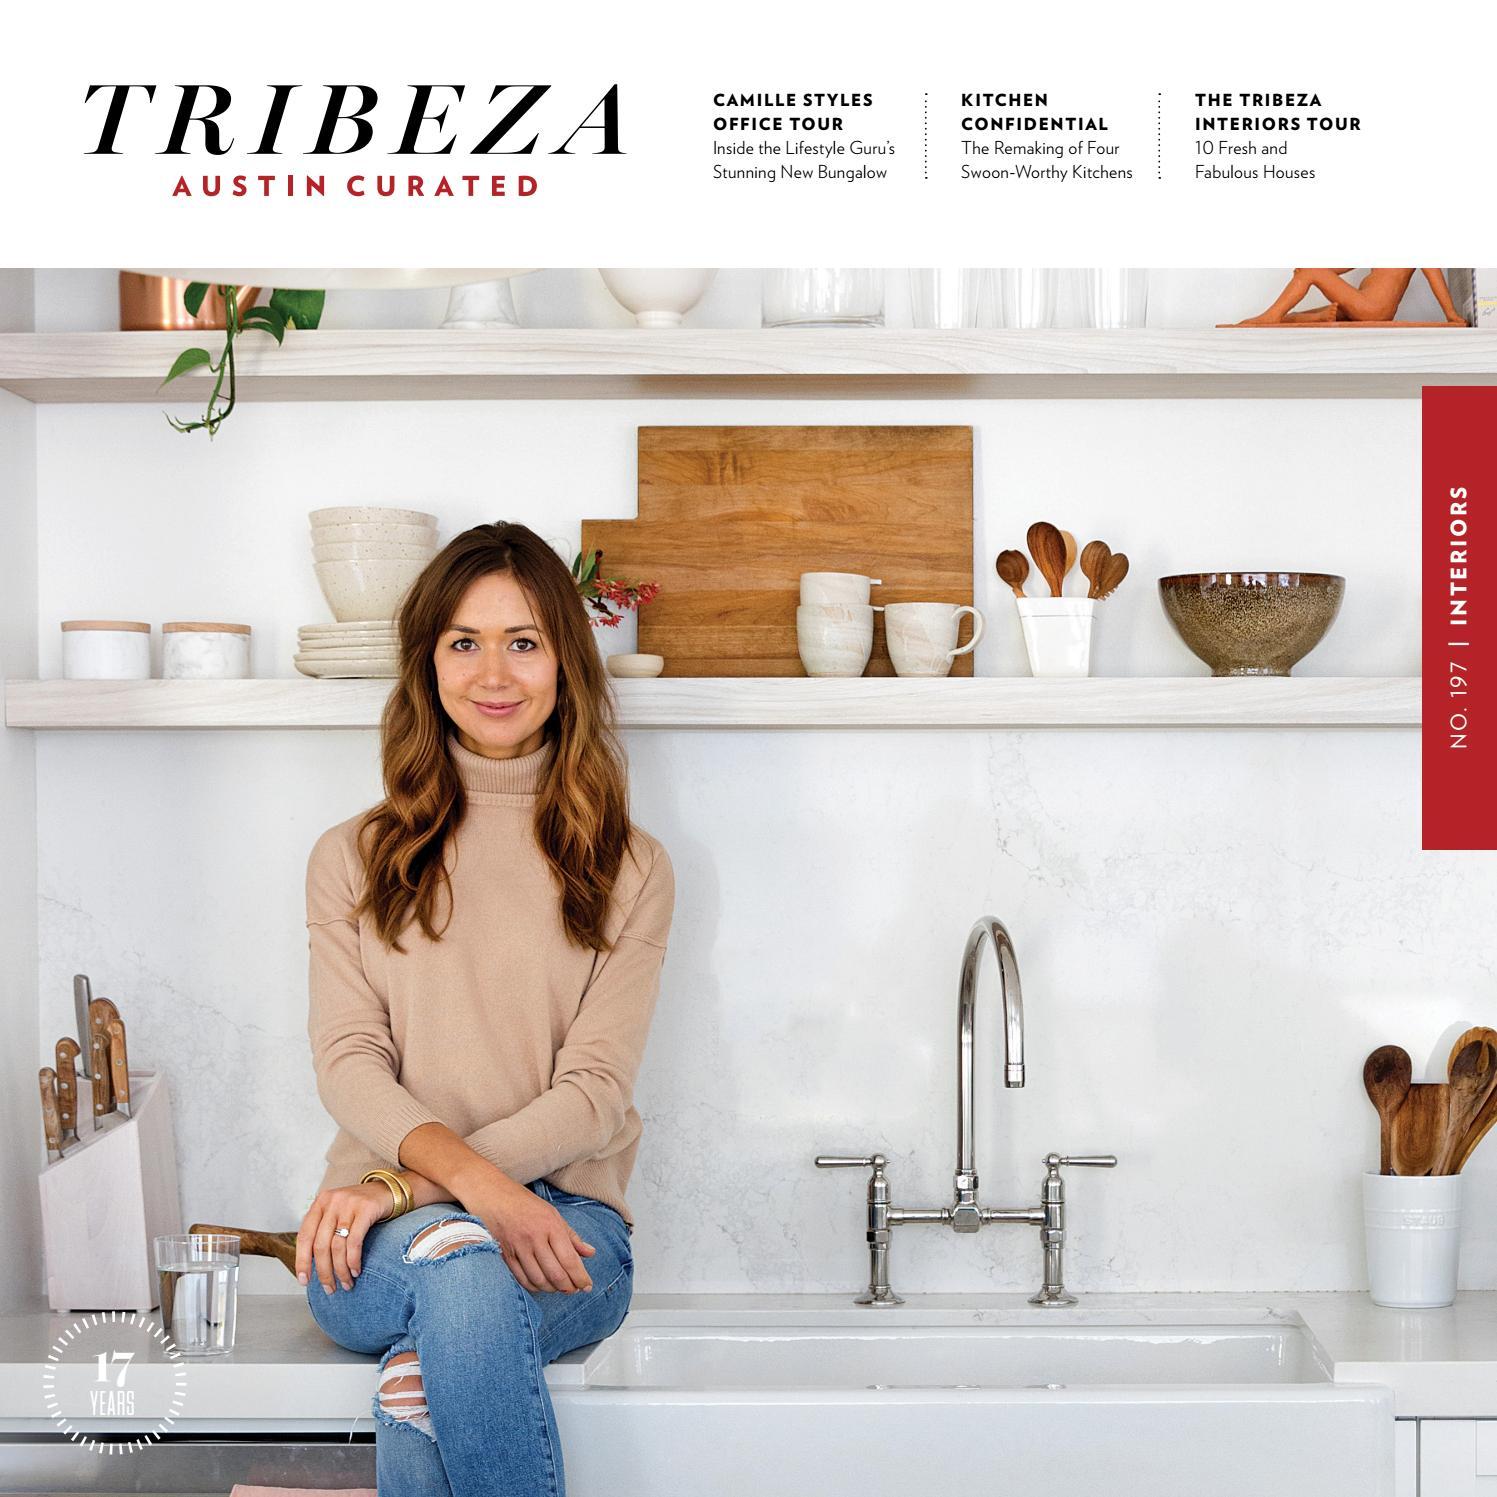 TRIBEZA January 2018 by TRIBEZA Austin Curated - issuu